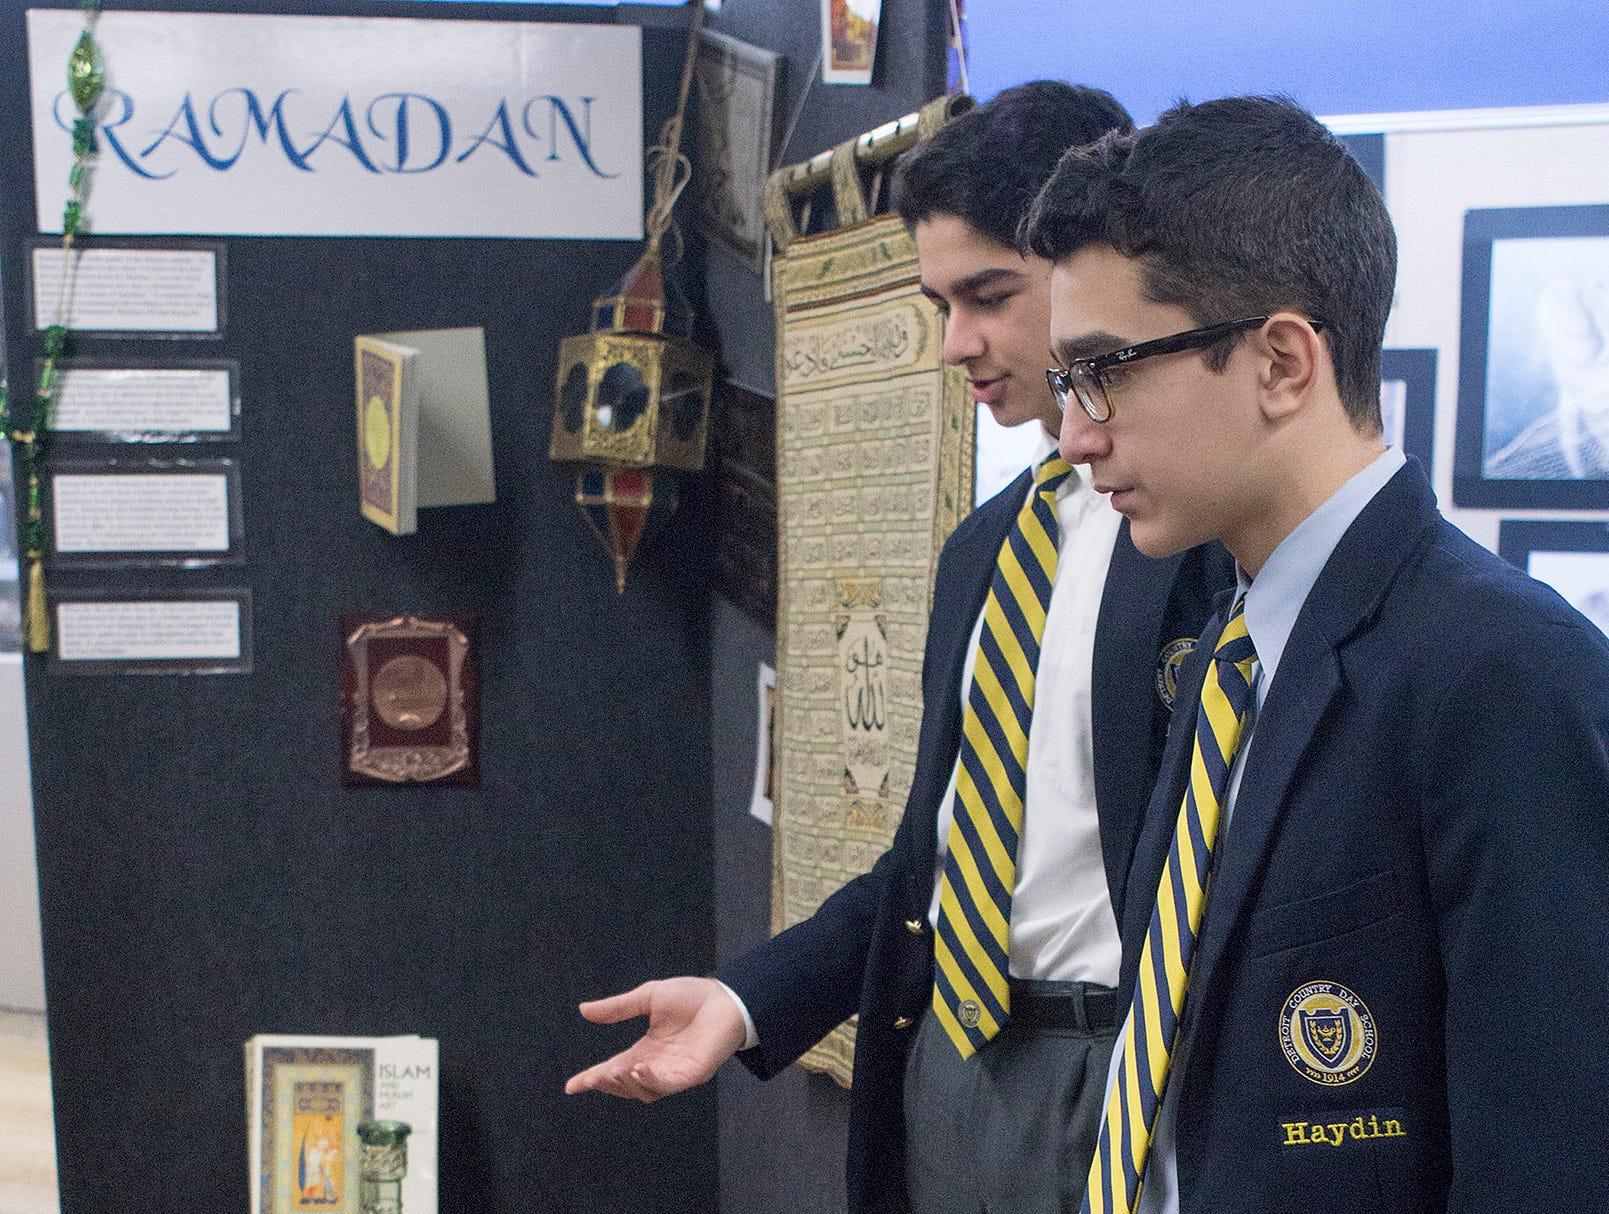 Ali Alomari and Yacoub Haydin talk about fasting during Ramadan.